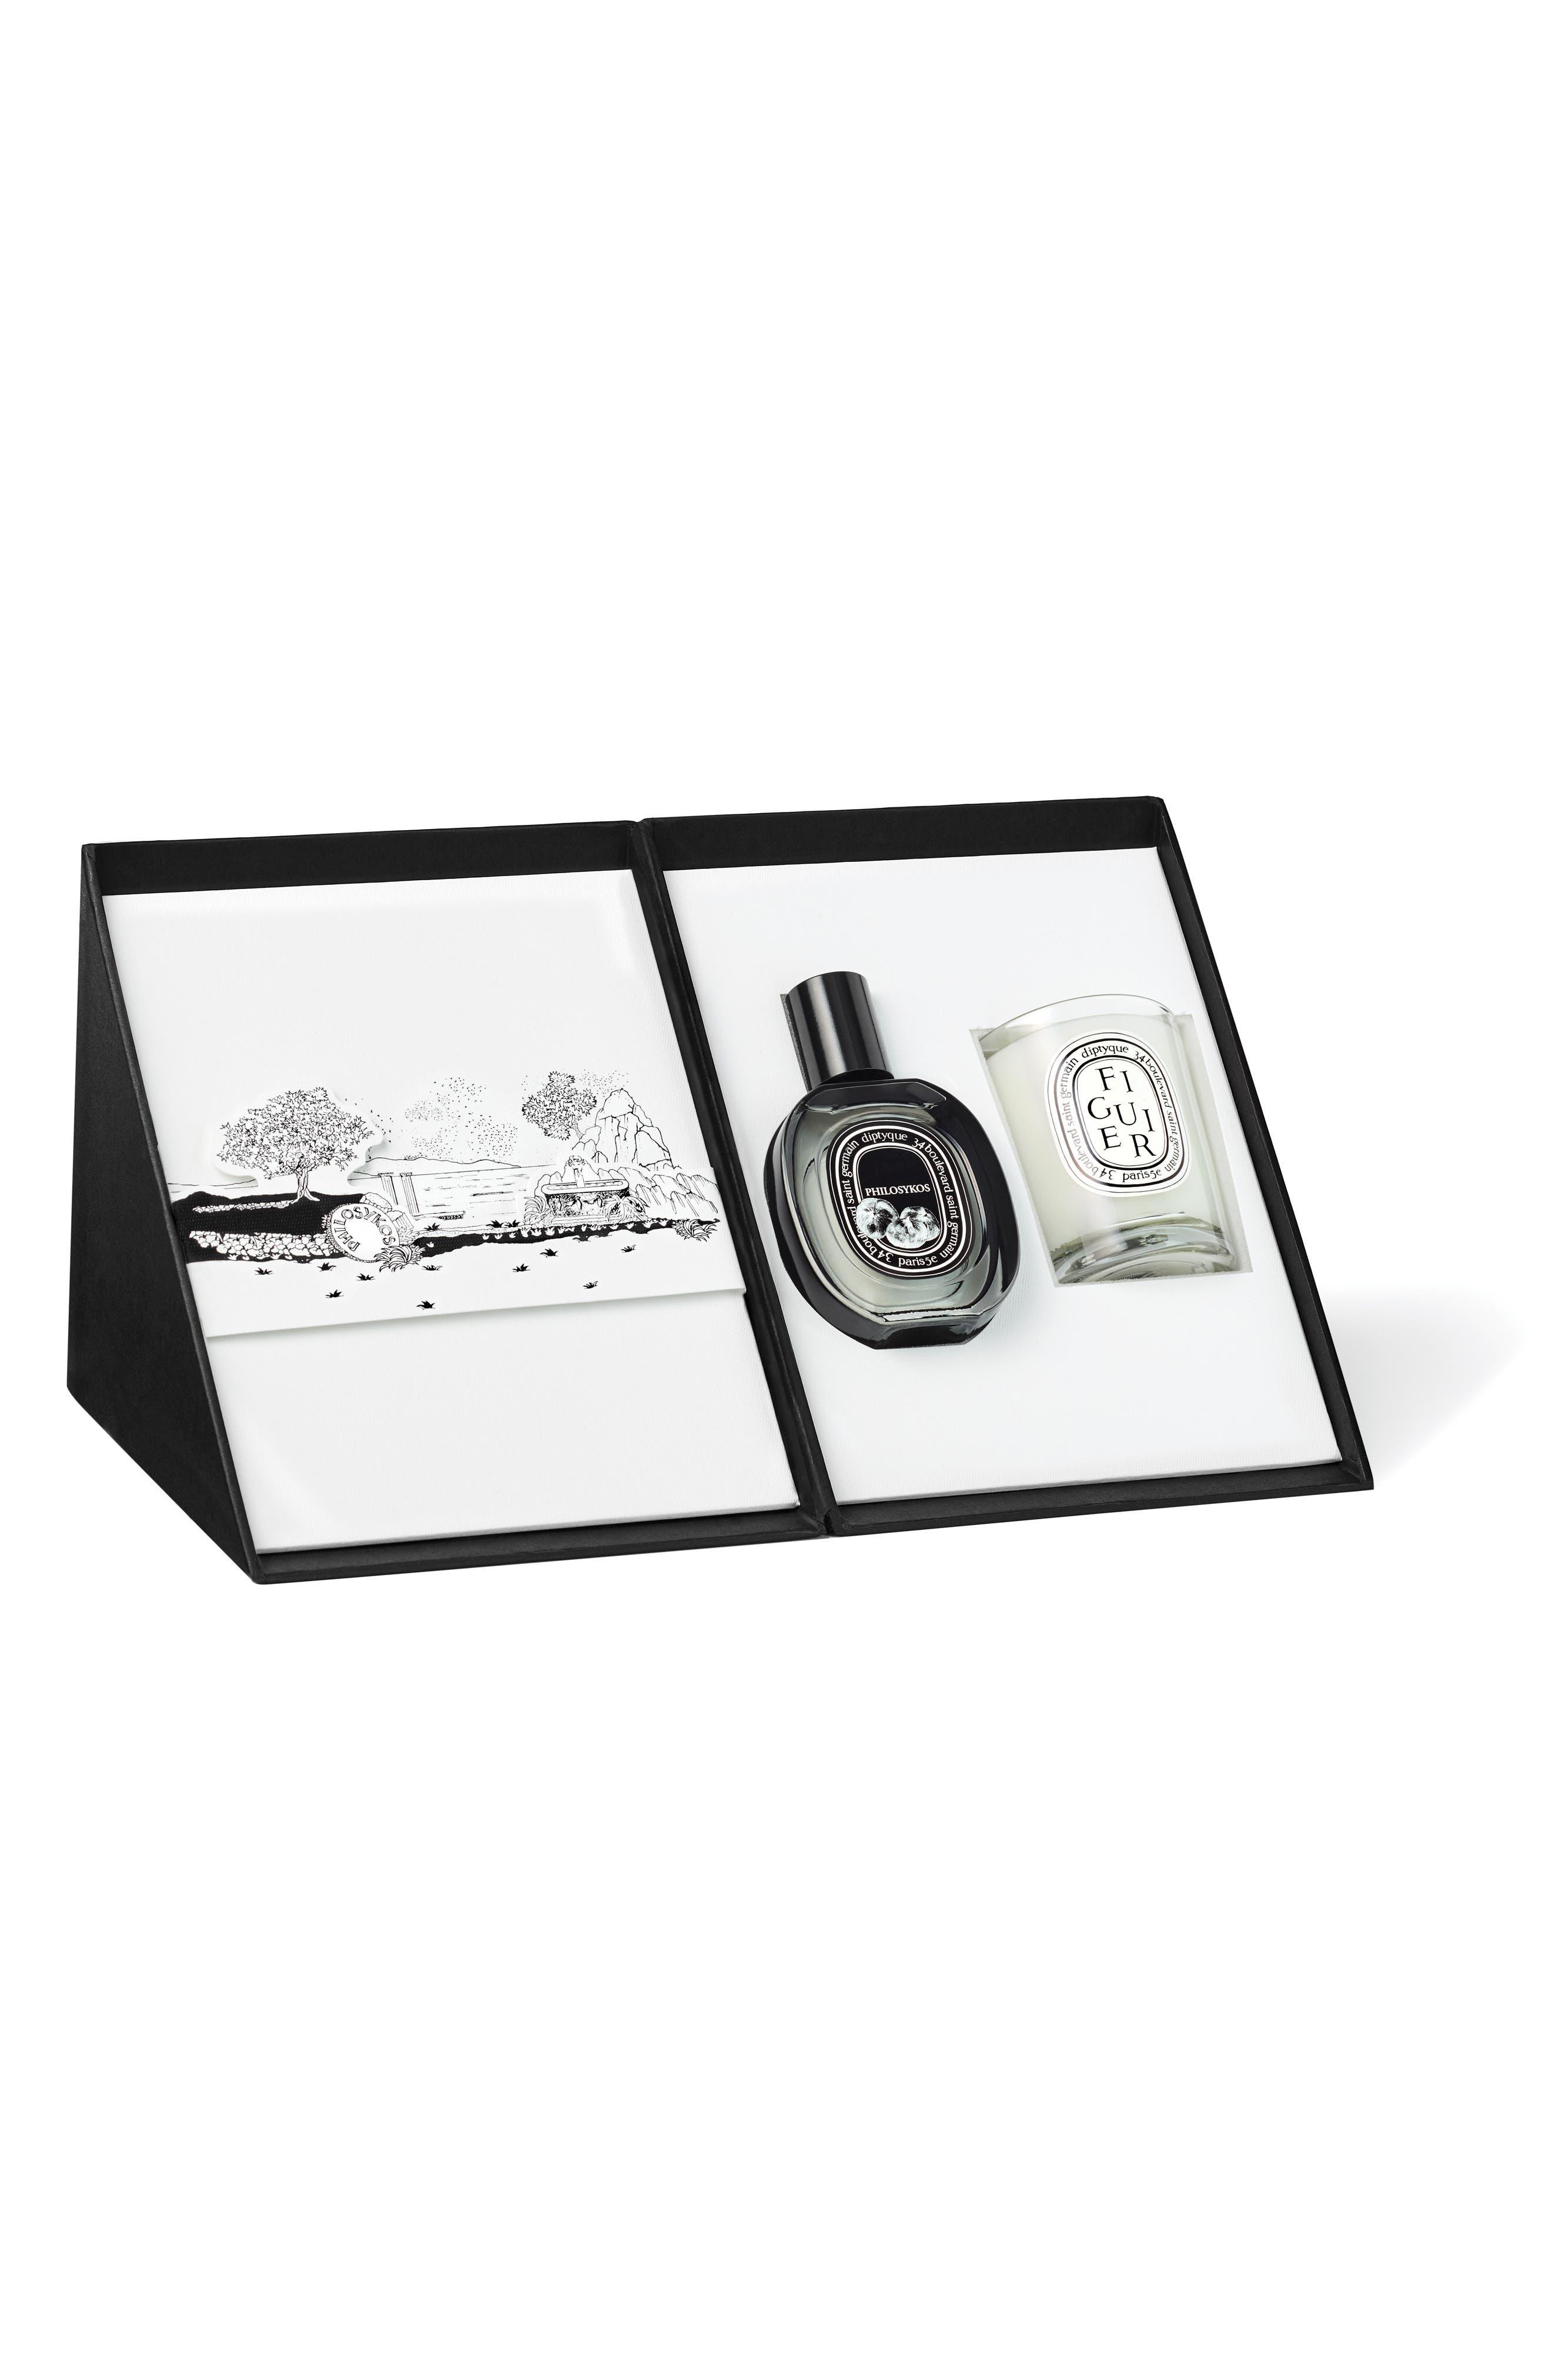 Main Image - diptyque Philosykos Eau de Parfum & Figuier Candle Duo ($100 Value)